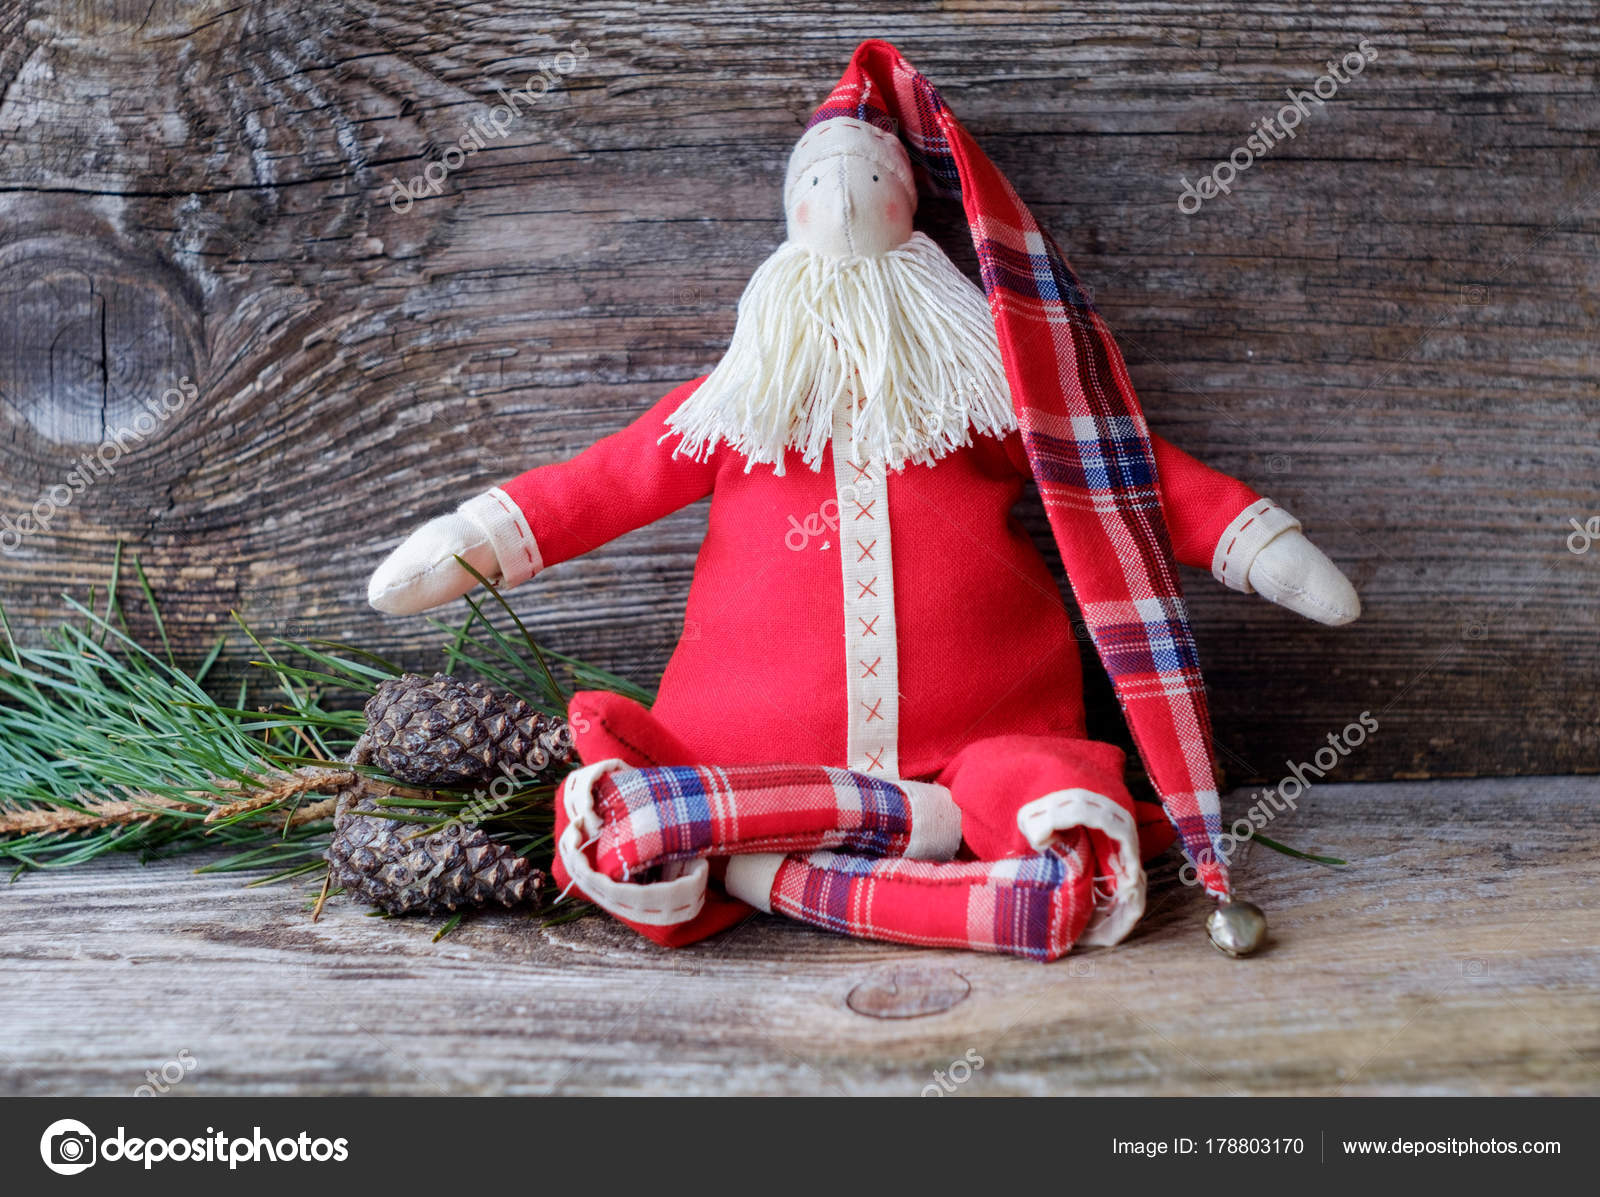 Posizione Babbo Natale.Fatto A Mano Bambola Babbo Natale Seduto Nella Posizione Del Loto